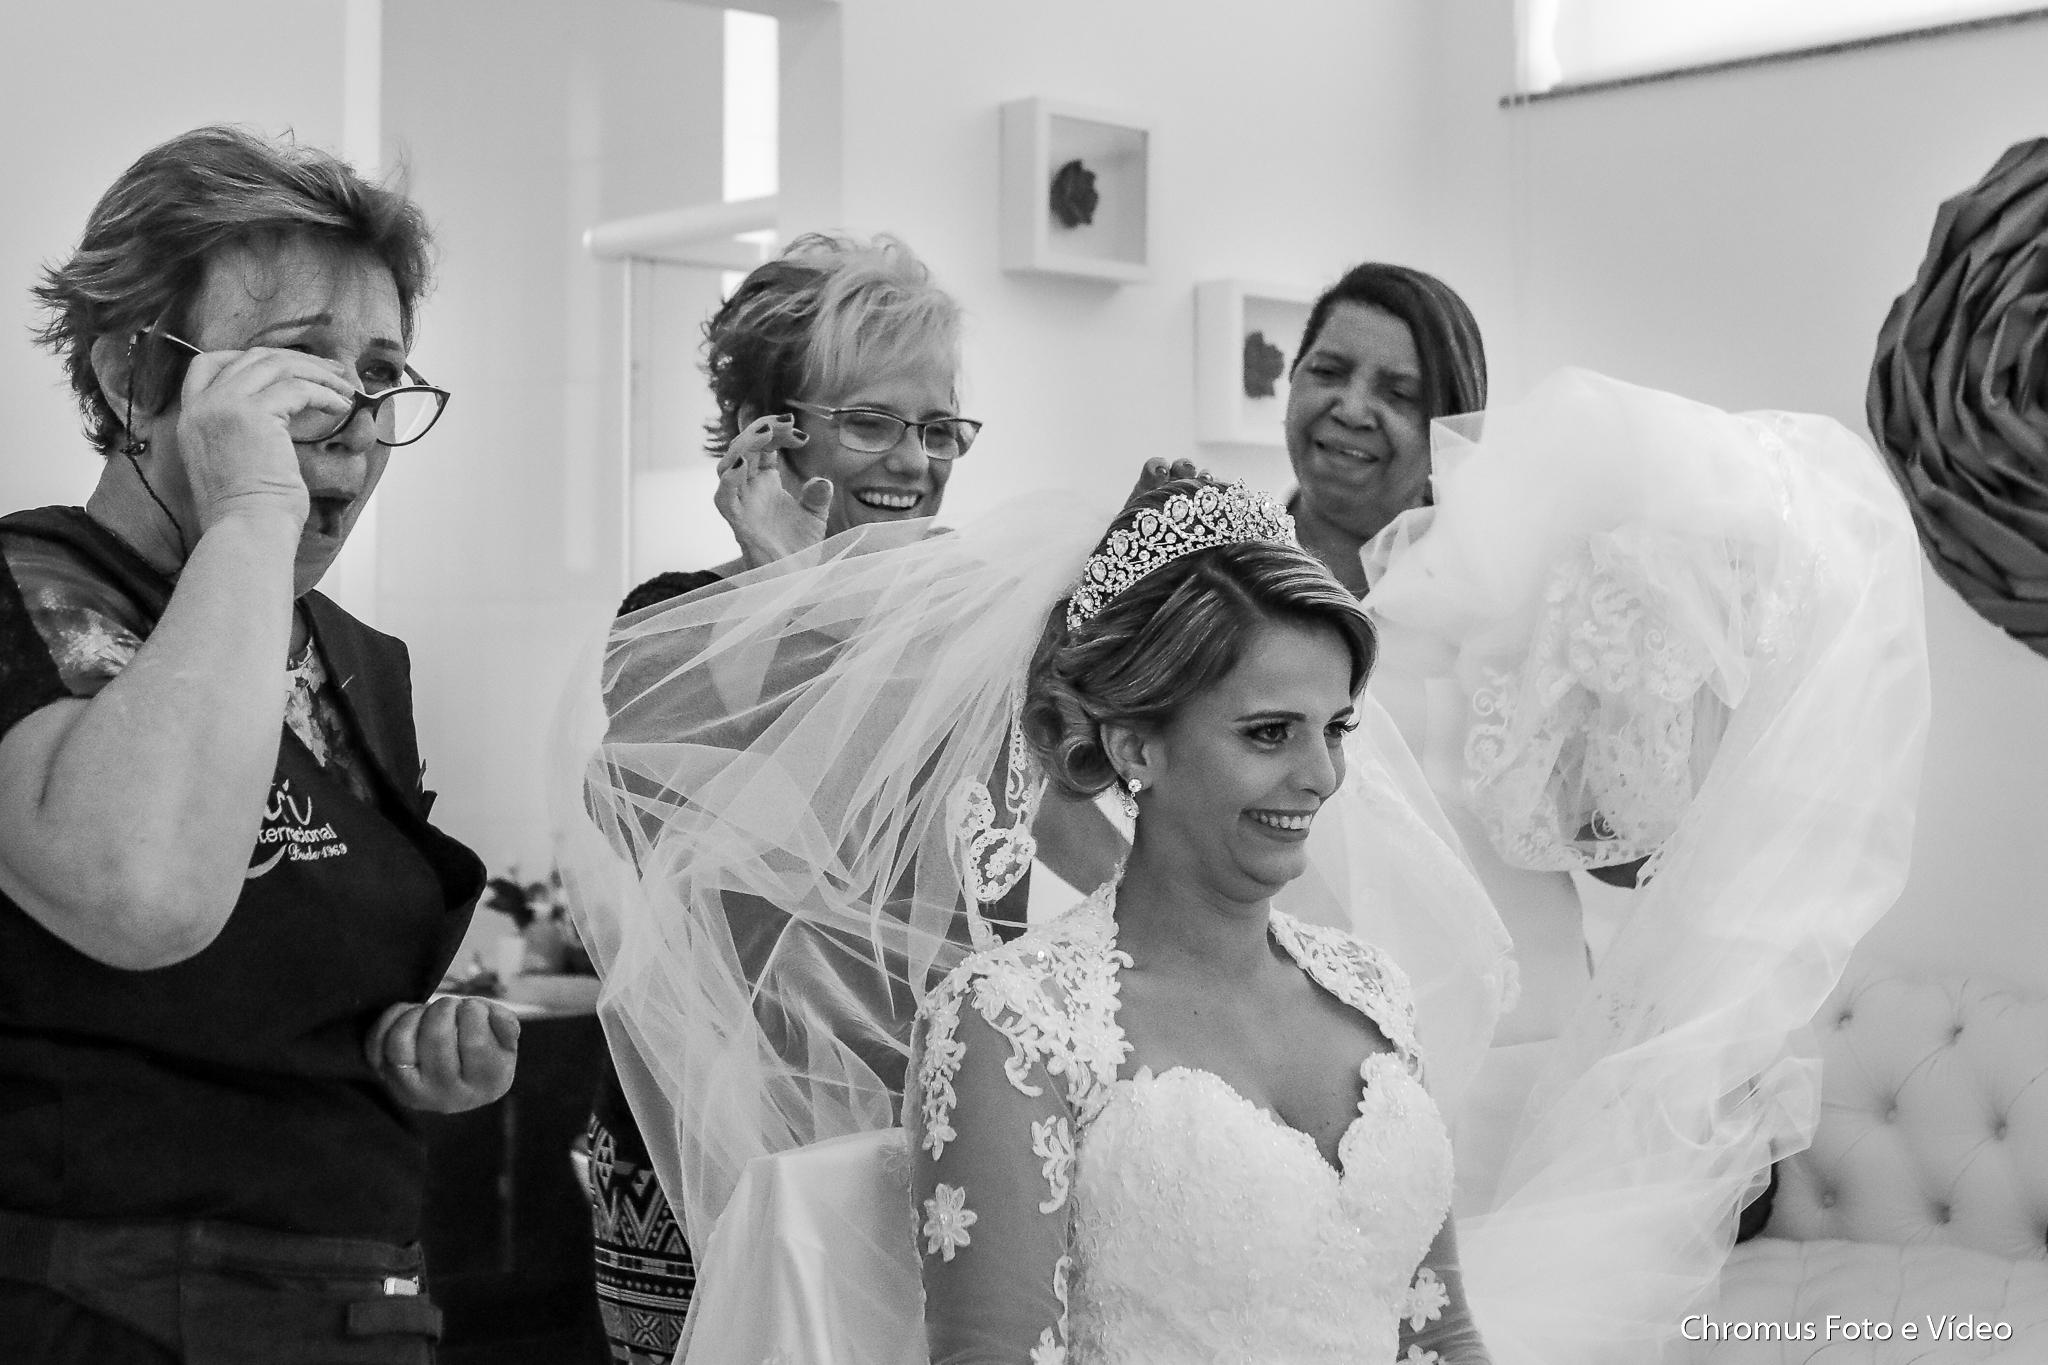 07-casamento-dia-da-noiva-cari-internacional-sao-caetano-sp-fotografo-chromus-foto-video